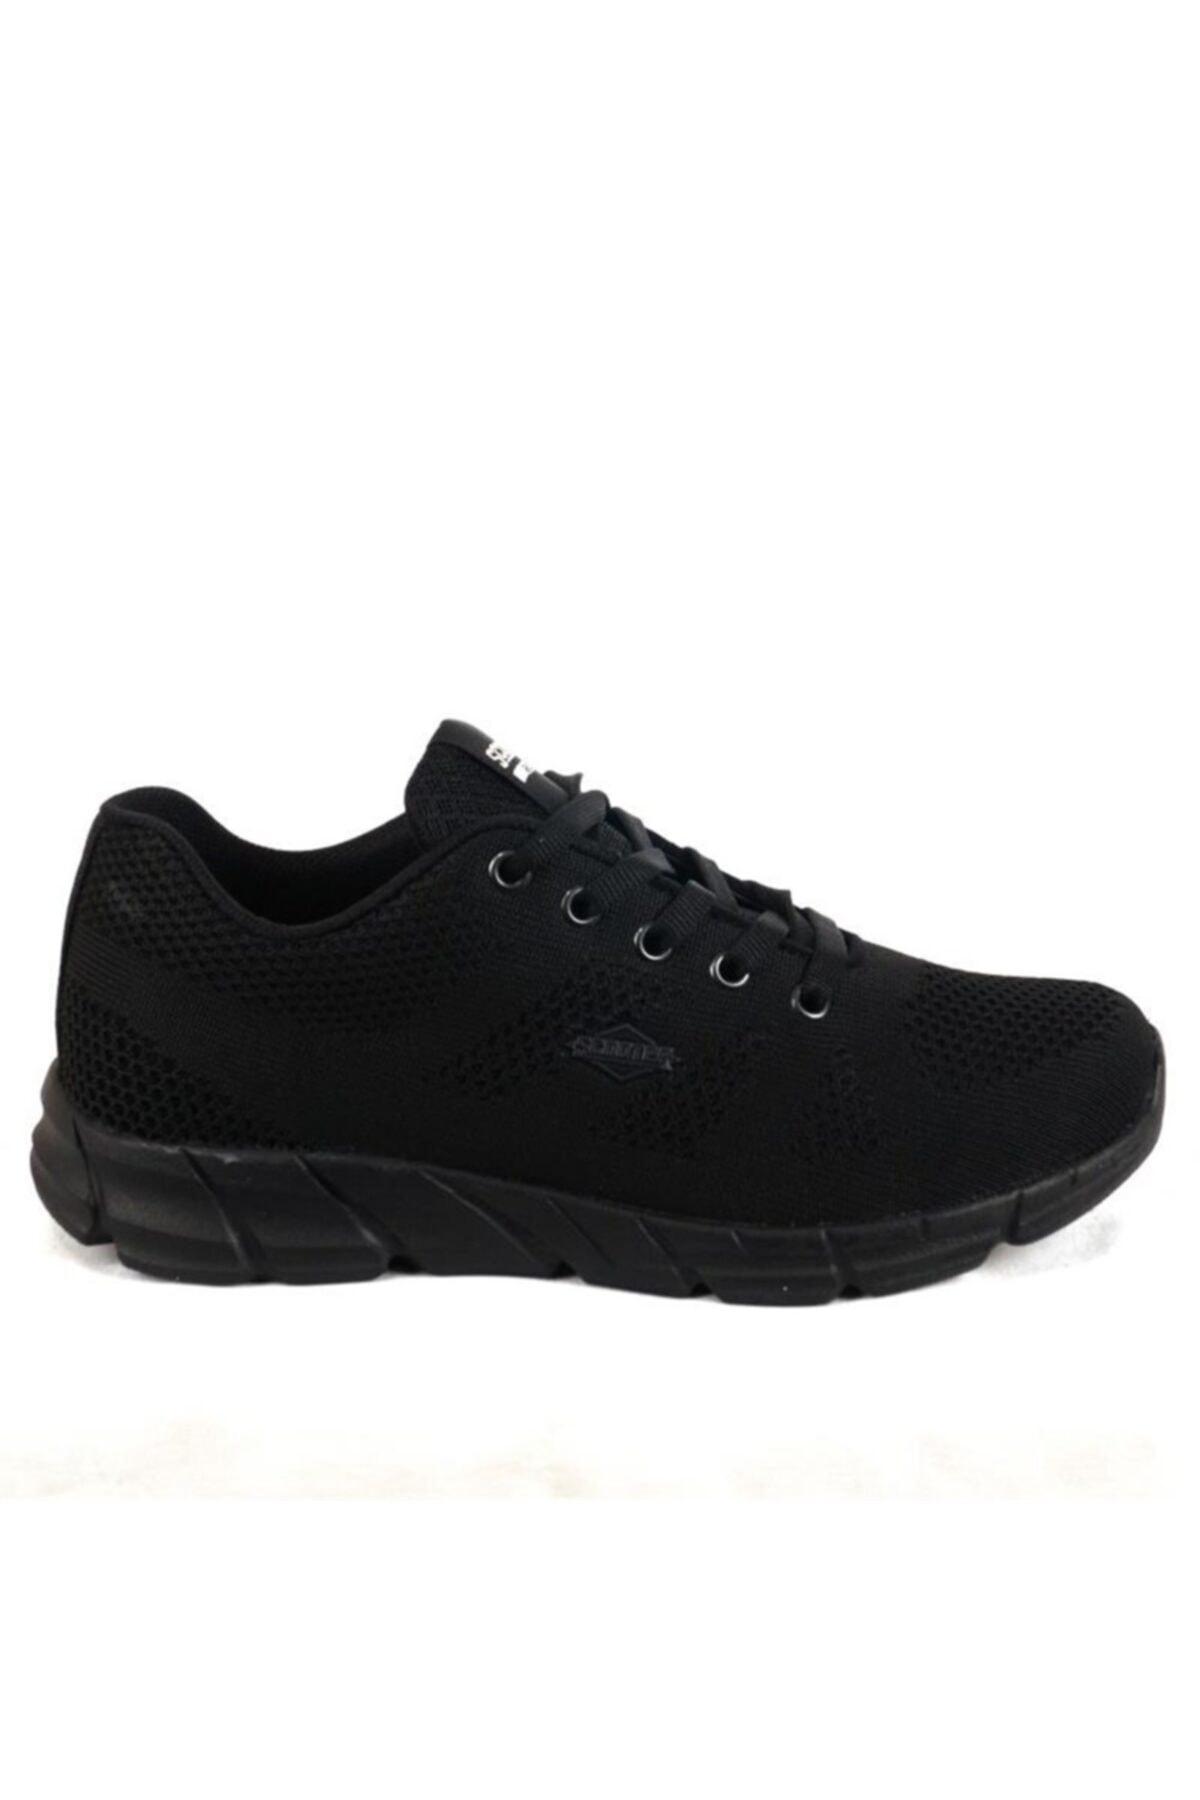 Scooter G5437ts Siyah Kadın Günlük Yürüyüş Ayakkabısı 2